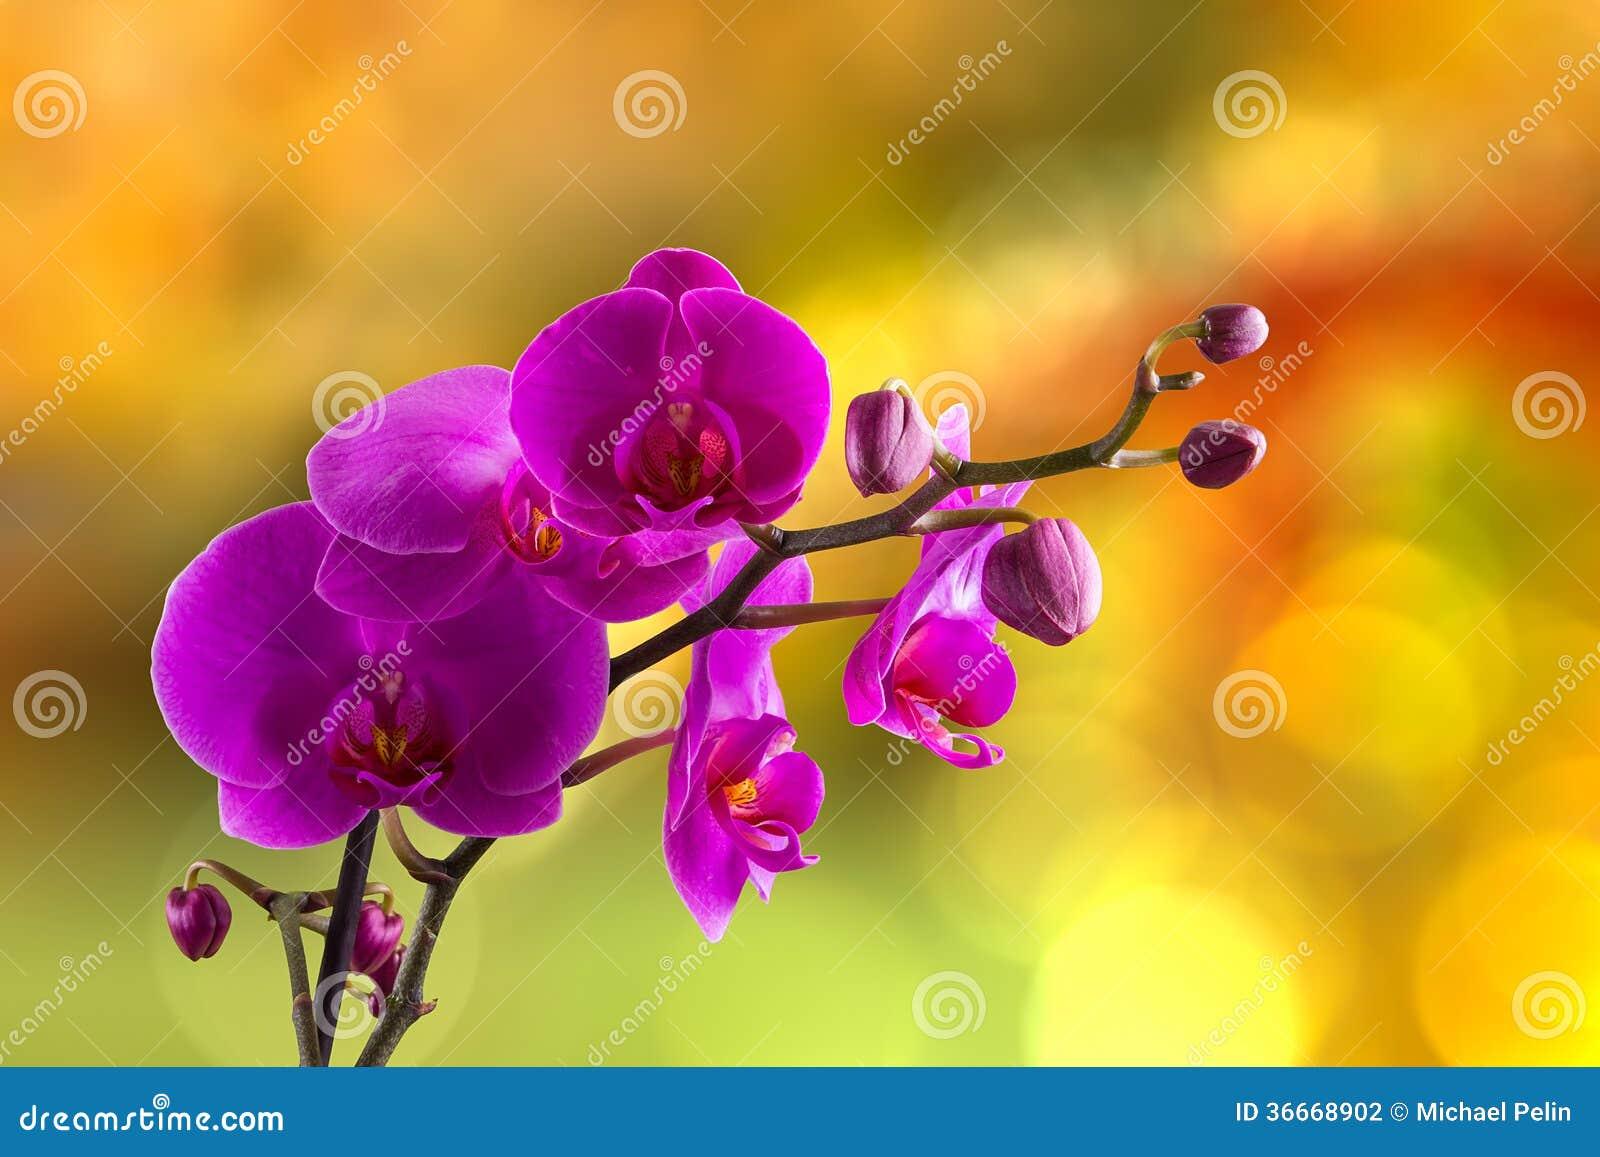 Purpurowy storczykowy kwiat na plamy tle